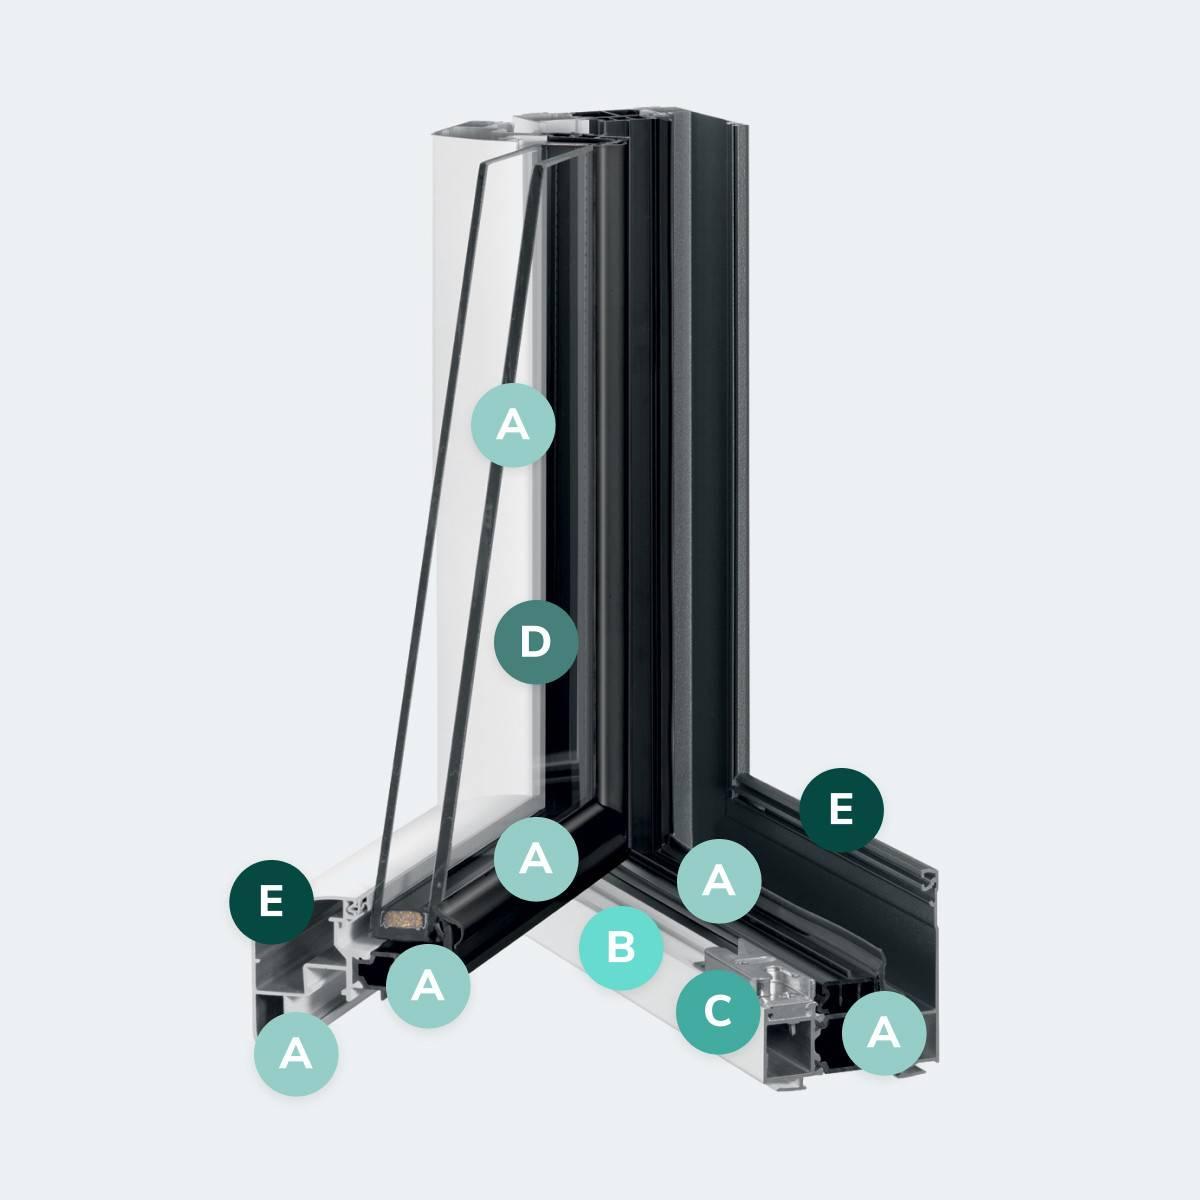 Caractéristiques du modèle Fenêtre Aluminium TA84 OC